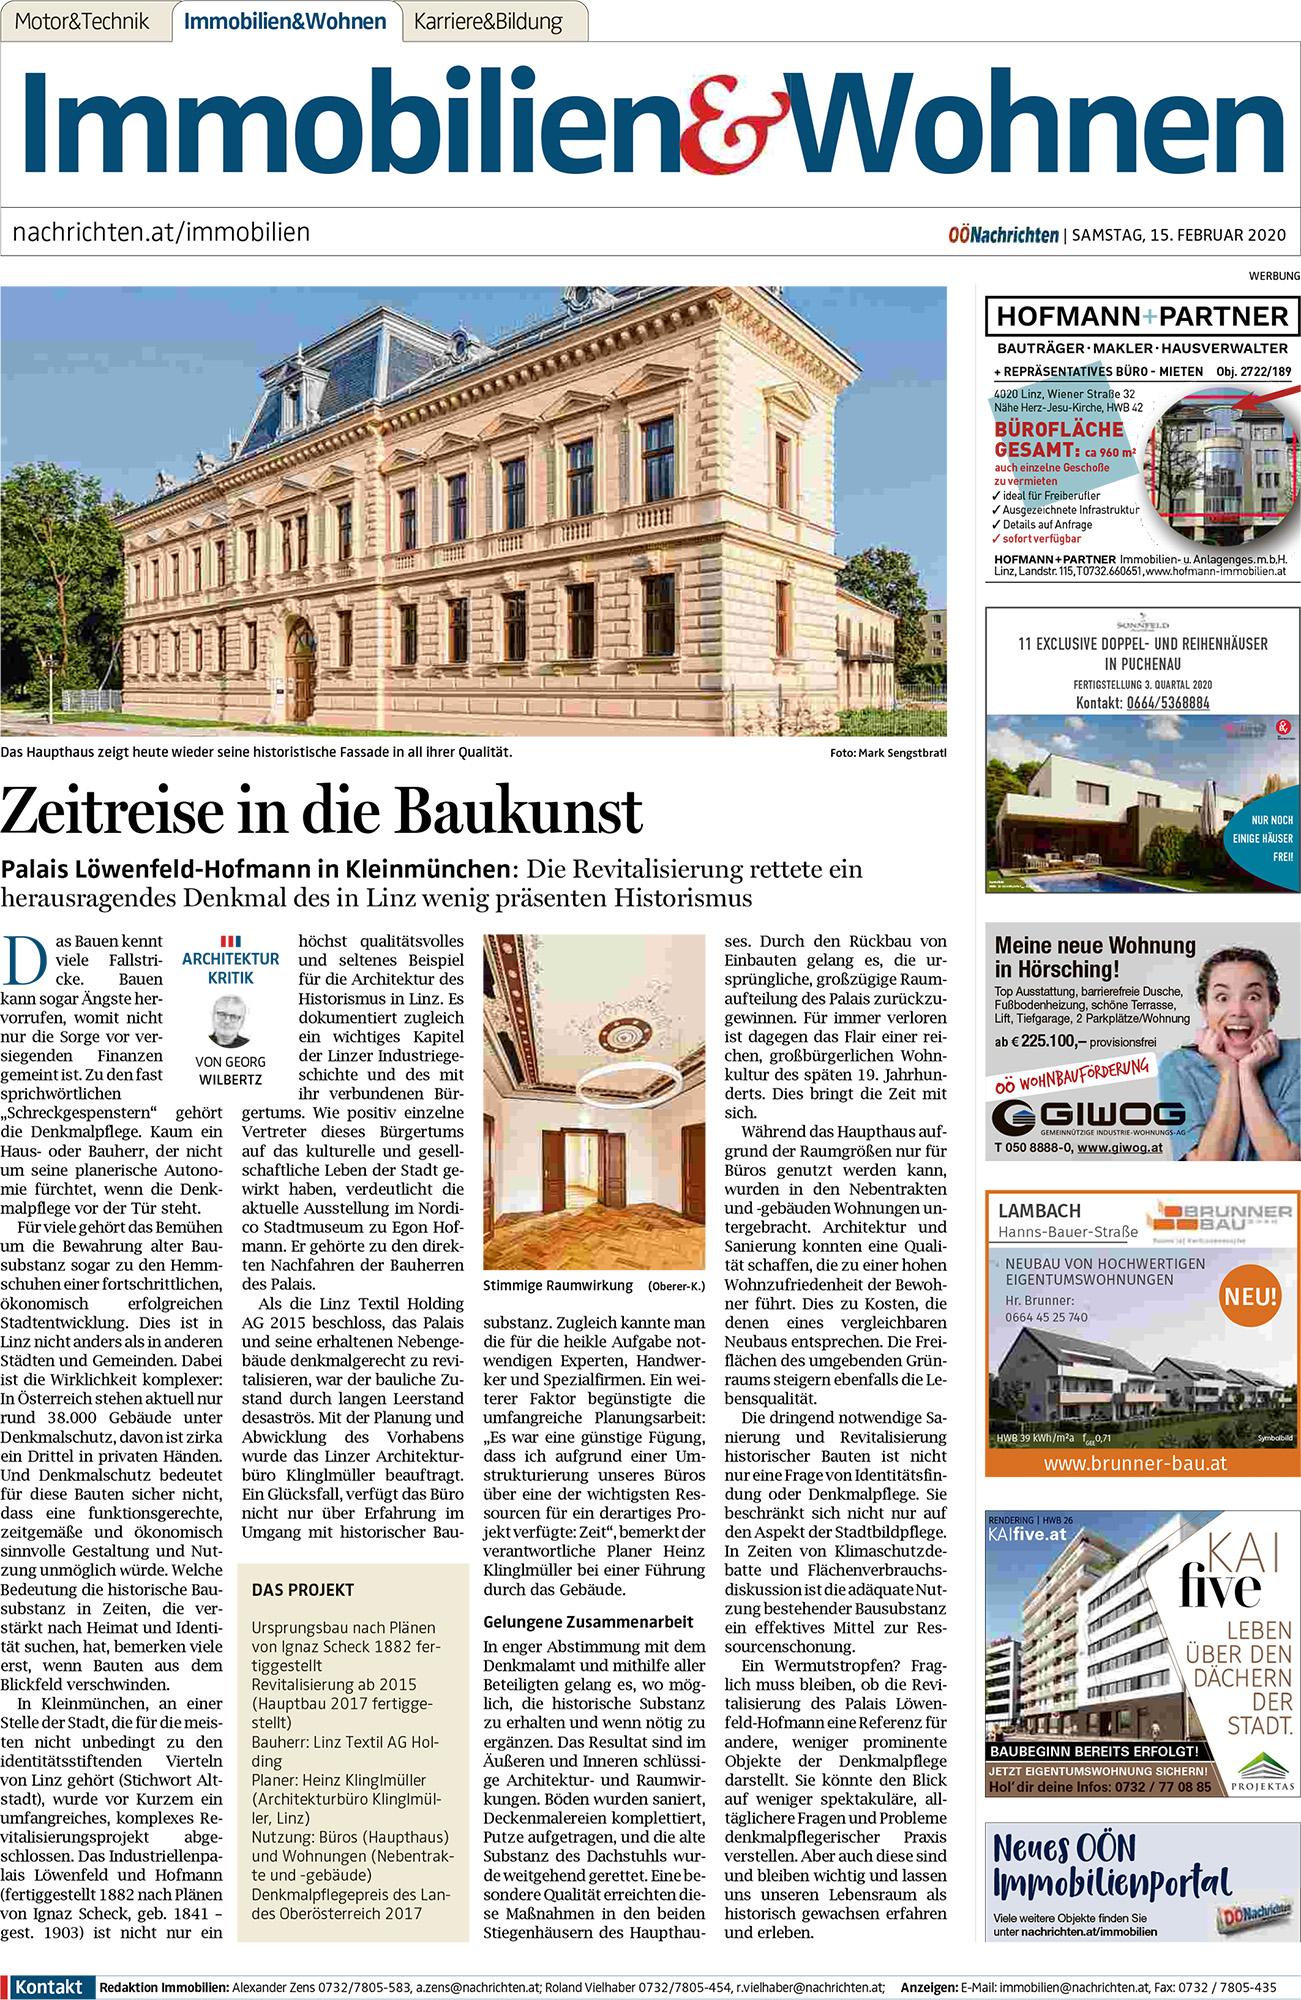 02/Nachrichten_Zeitungsartikel_Loewenfeld_01.jpg